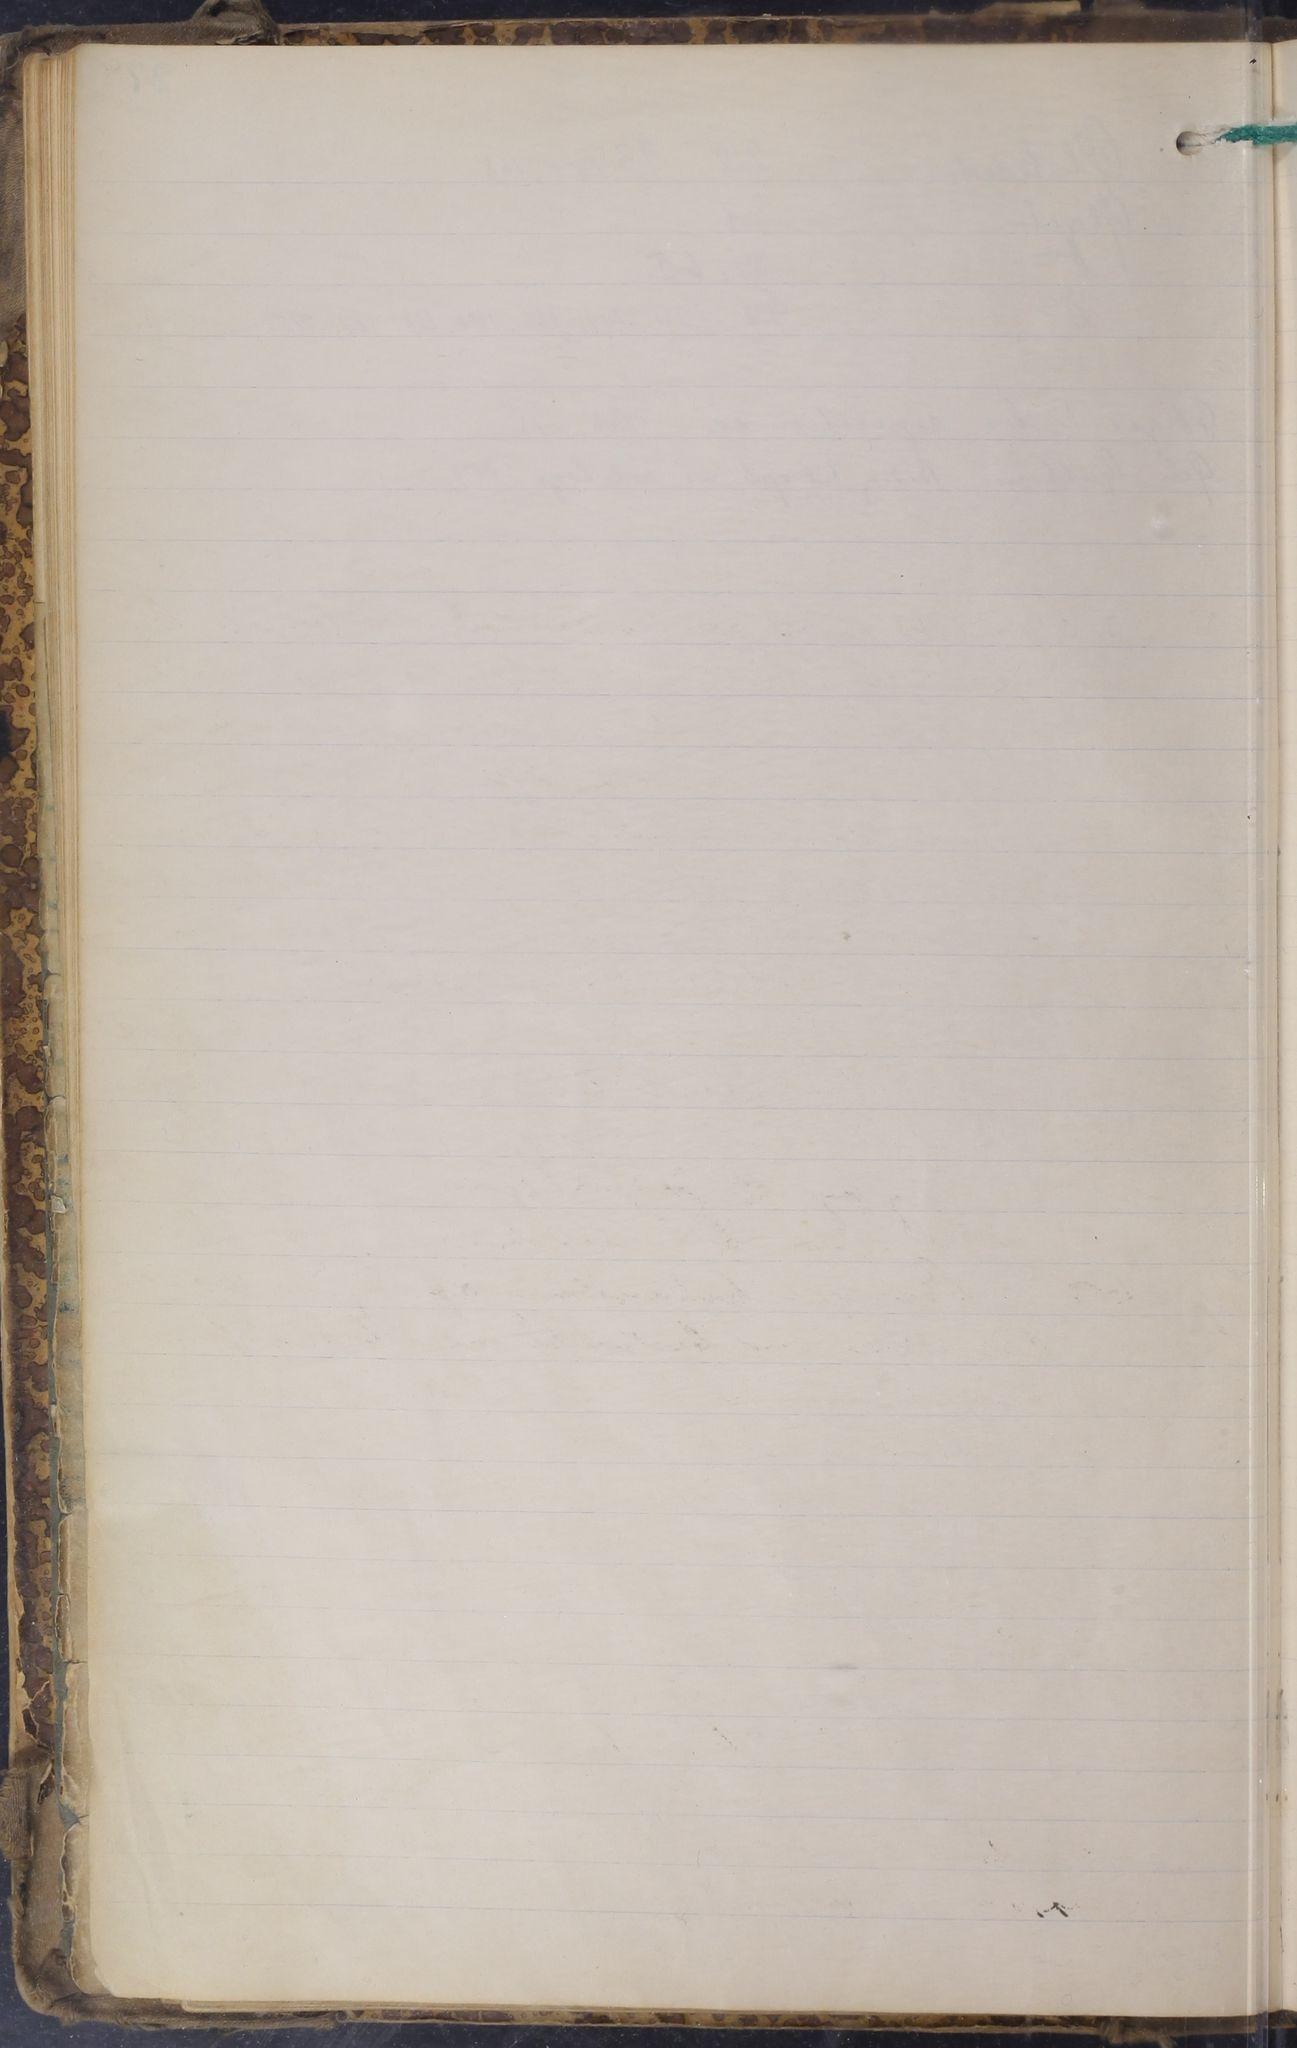 AIN, Mo kommune. Formannskapet, A/Aa/L0004: Møtebok, 1903-1908